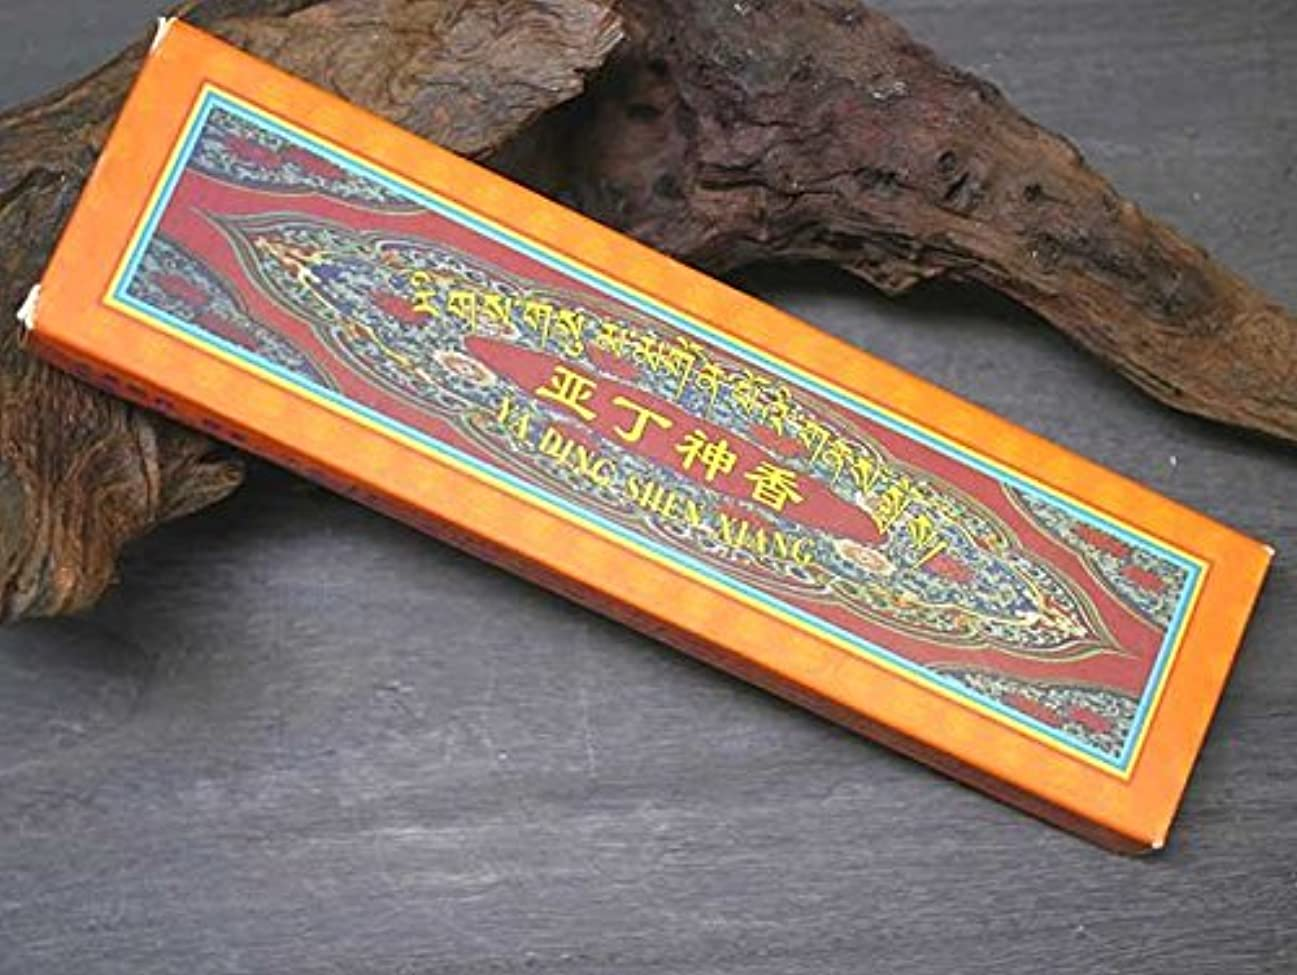 ランク恨み思い出させる中国香 甘孜チベット自治州のお香【丁神香】